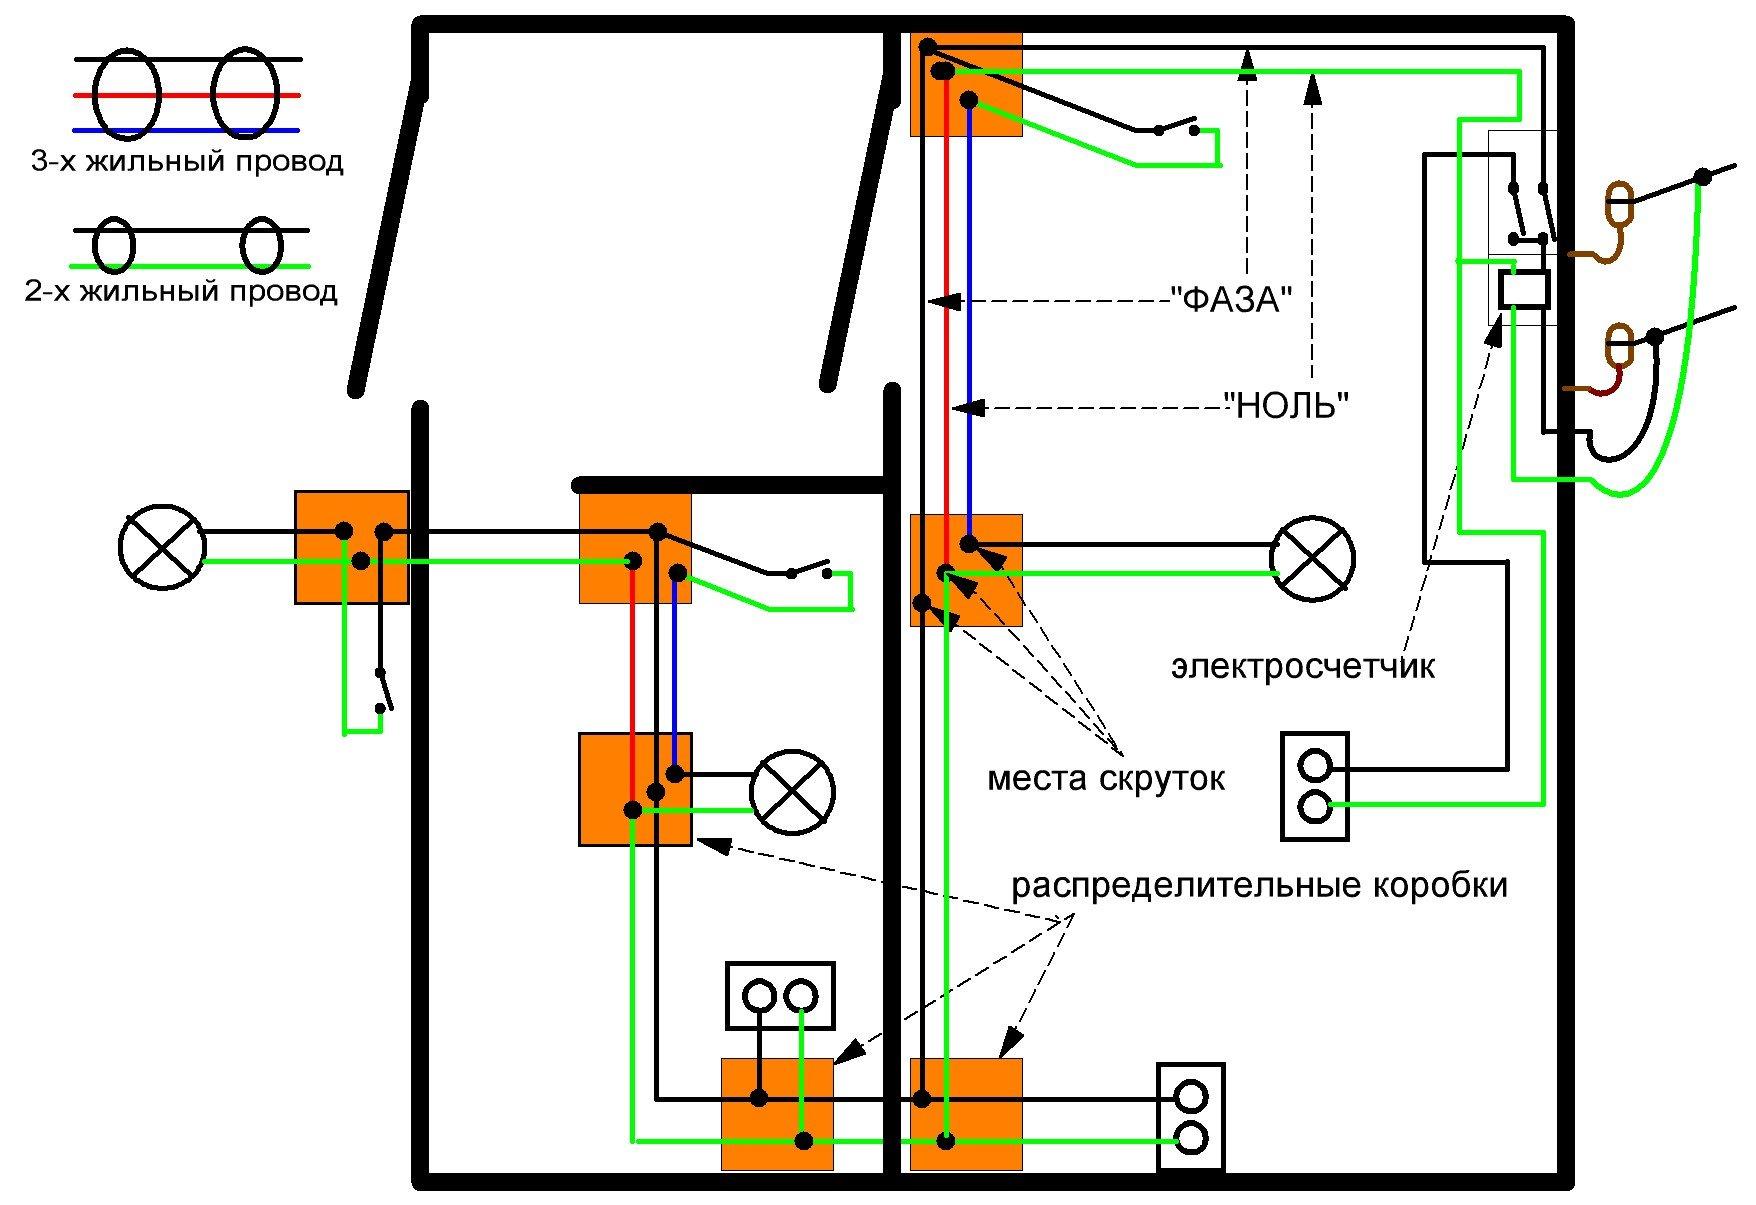 Правила монтажа электропроводки в производственном помещении